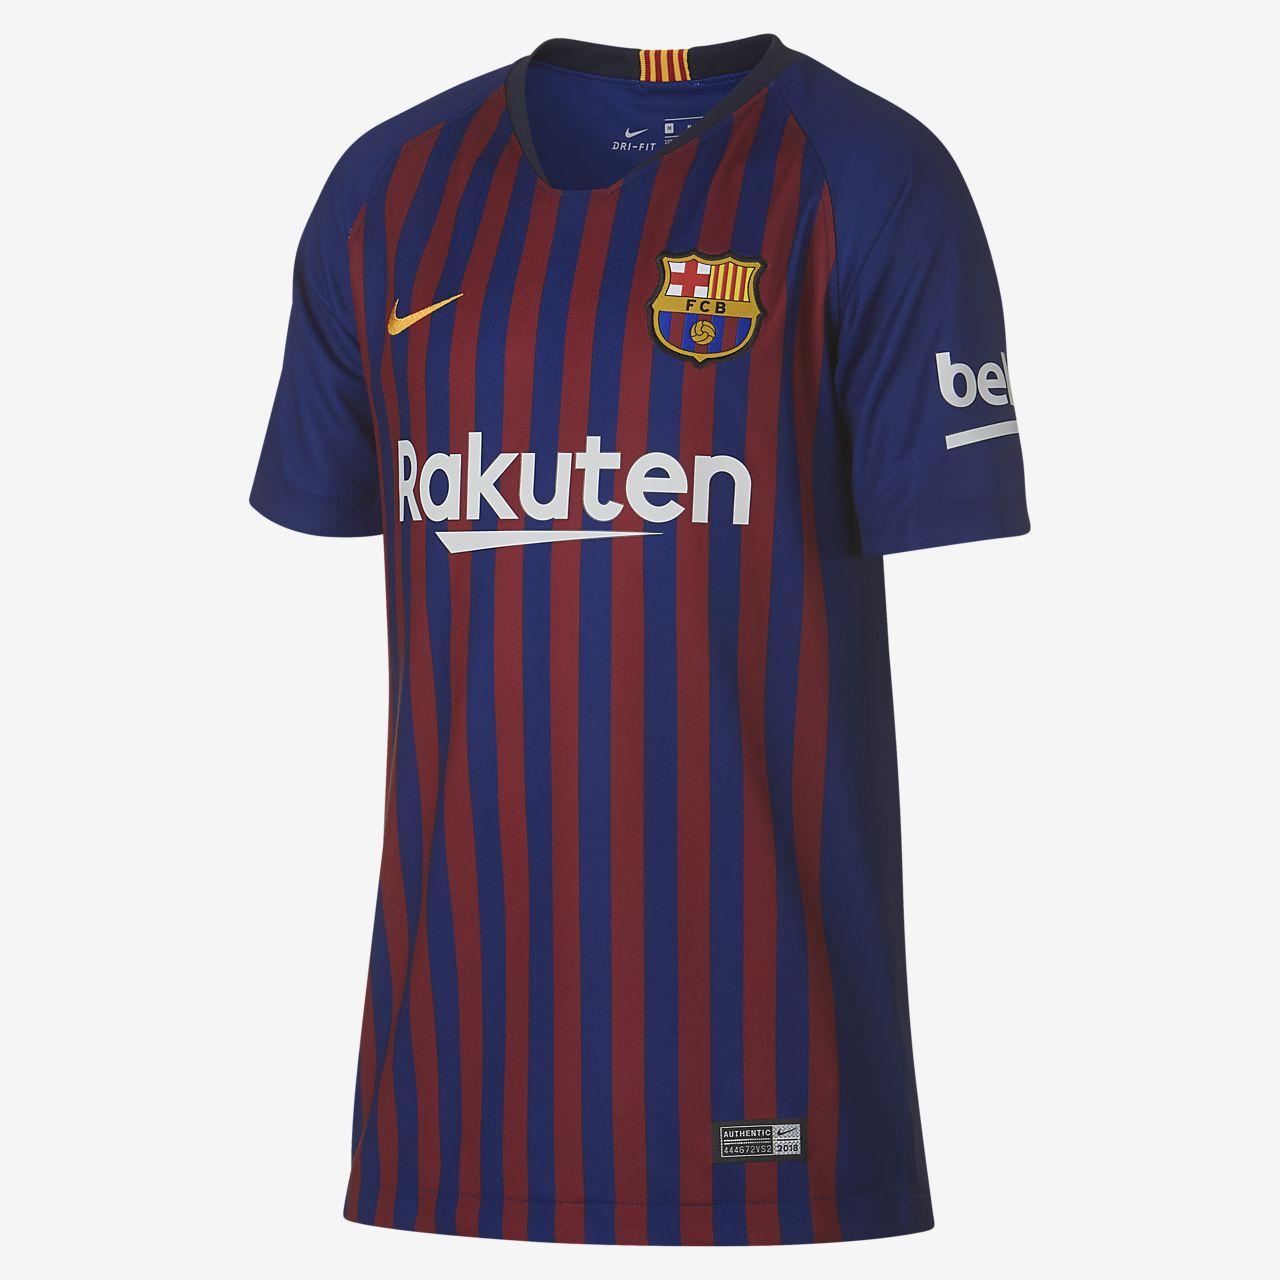 เสื้อแข่งฟุตบอลเด็กโต FC Barcelona Stadium Home ปี 2018/19